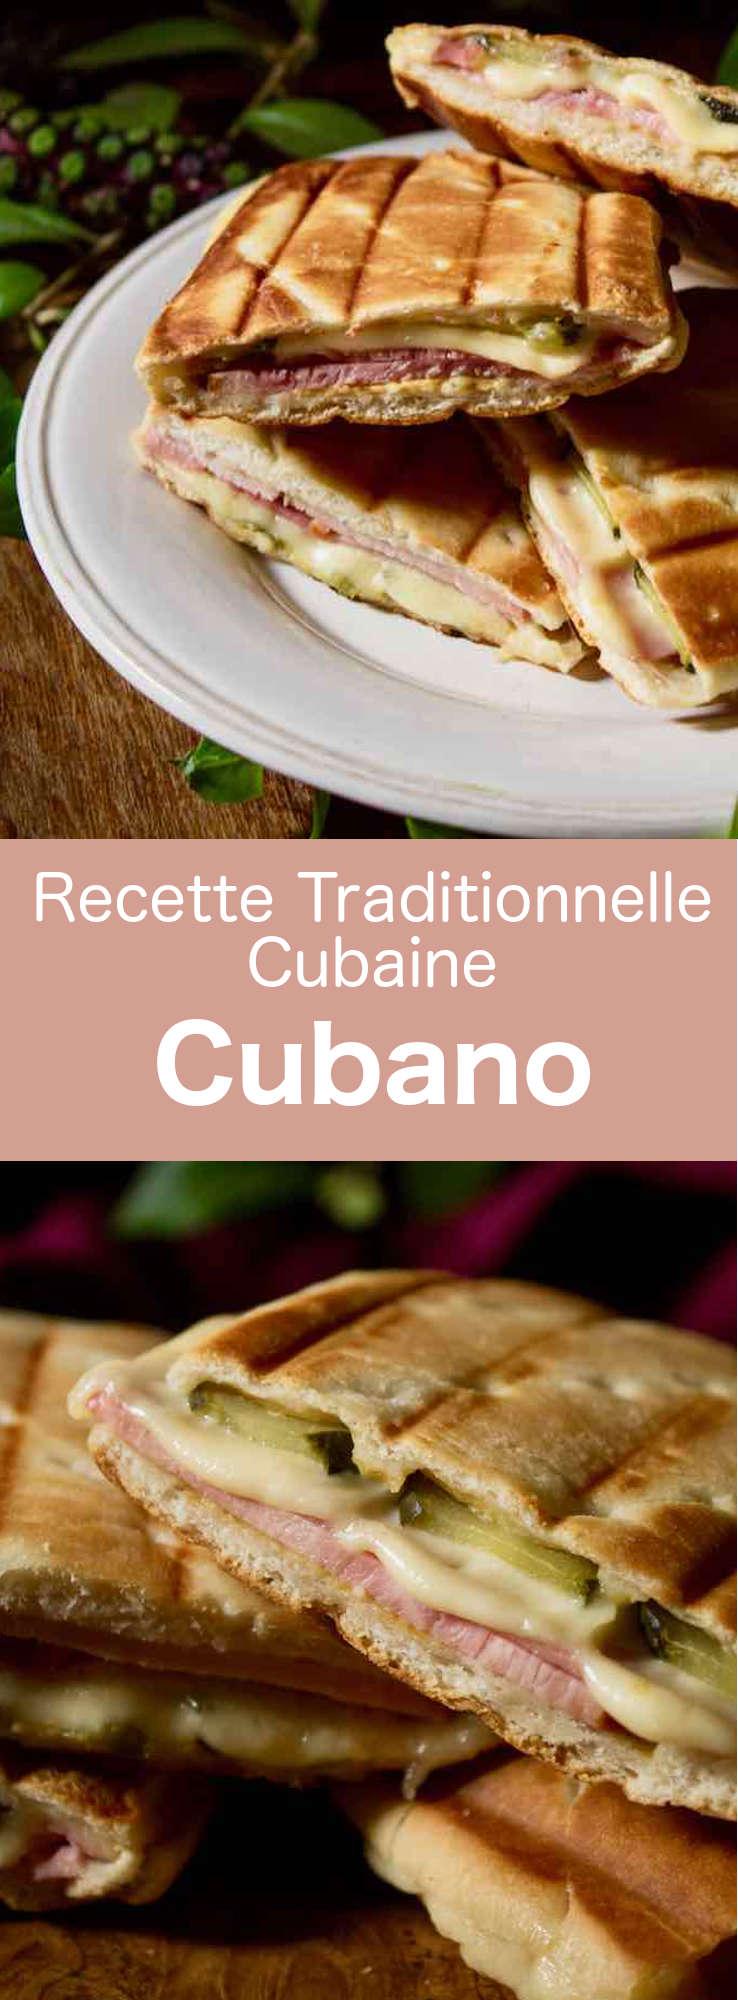 Le cubano est un sandwich préssé avec du porc rôti, du jambon, et du fromage, popularisé par les immigrants cubains en Floride au XIXe siècle. #Cuba #CuisineCubaine #RecetteCubaine #RecetteDesCaraibes #CuisineDuMonde #196flavors